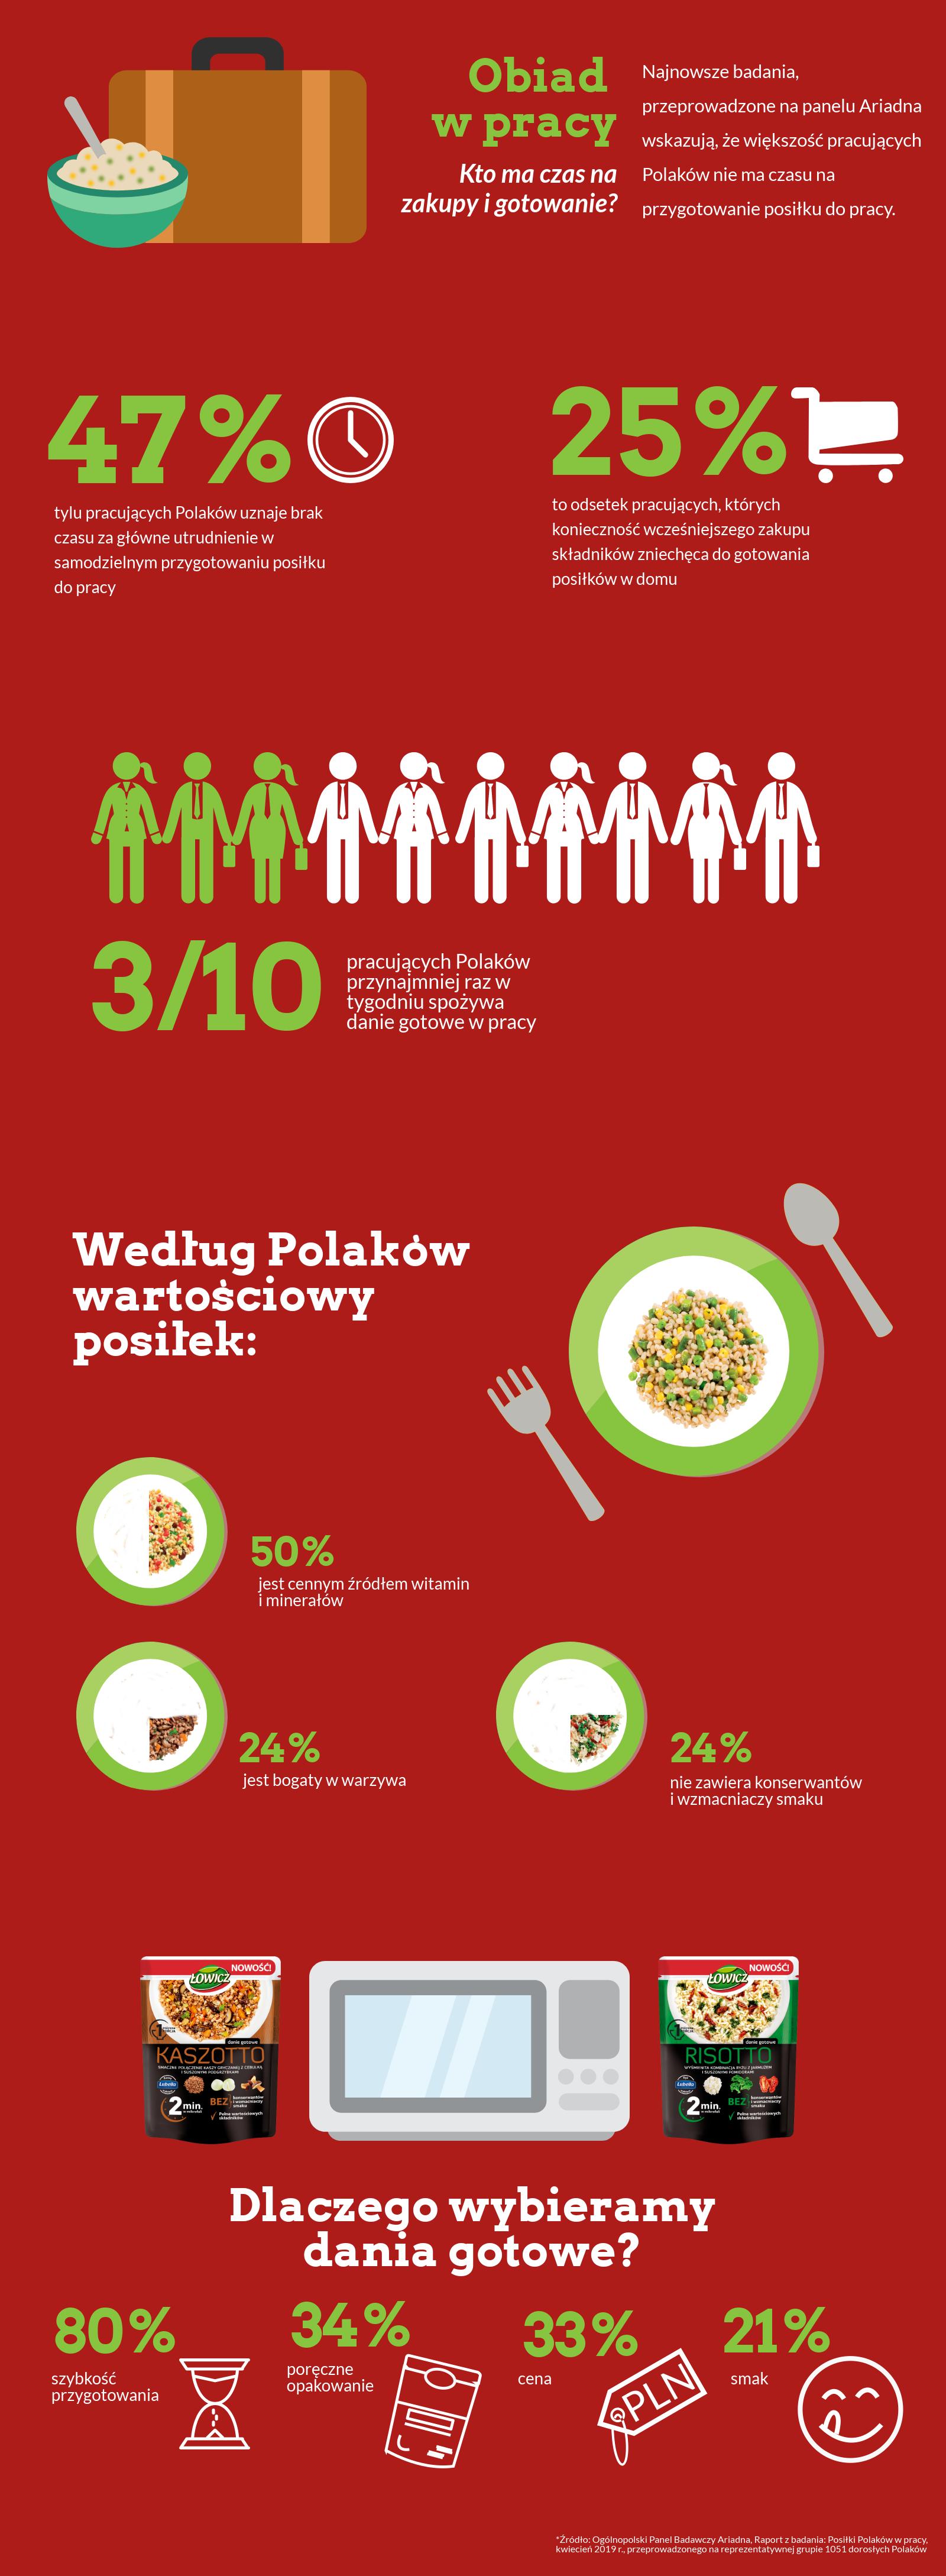 Polacy wybierają dania gotowe